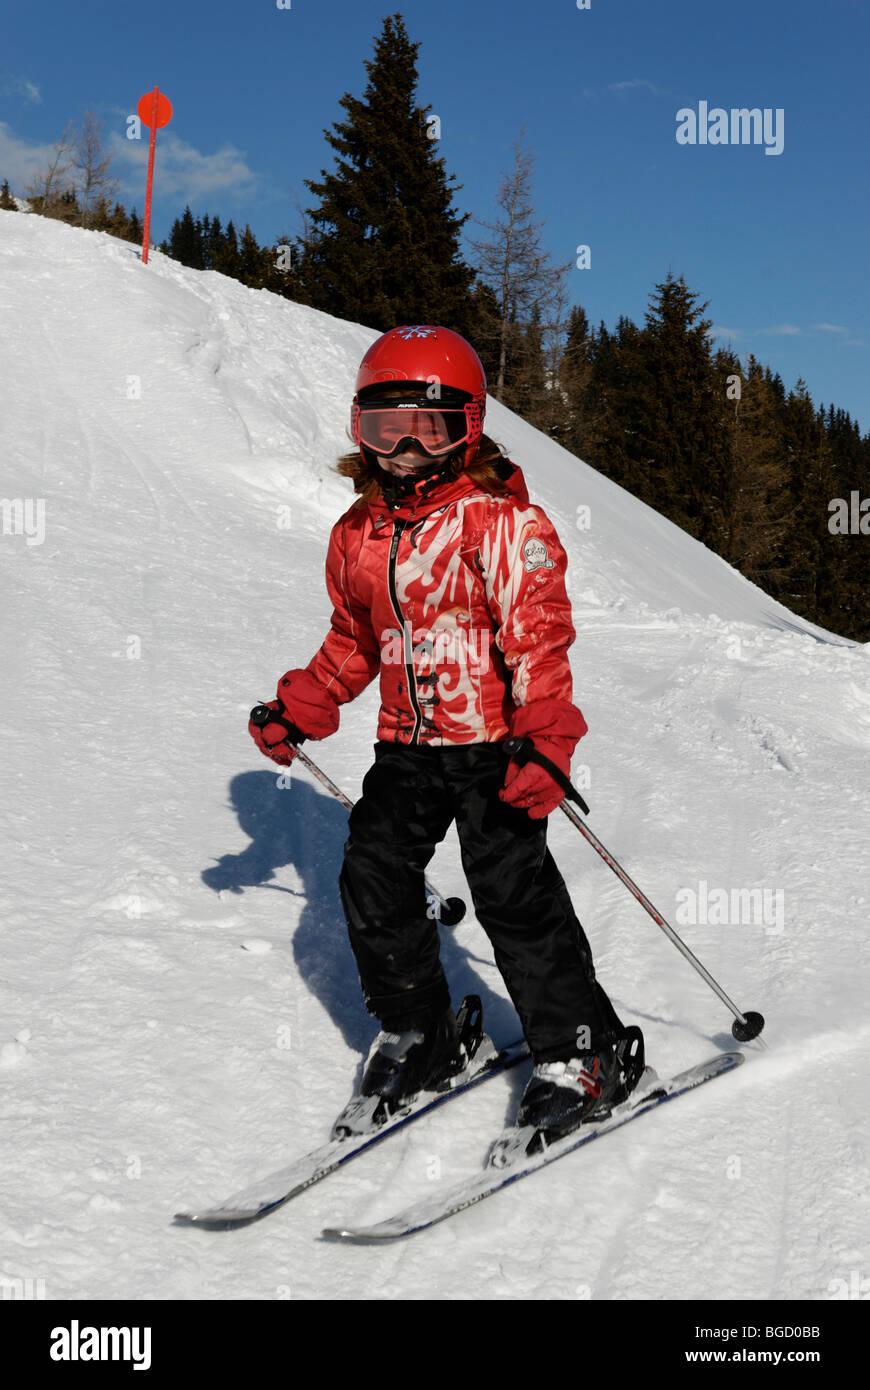 Child skiing, ski-run. alpine skiing with helmet, safetyt - Stock Image